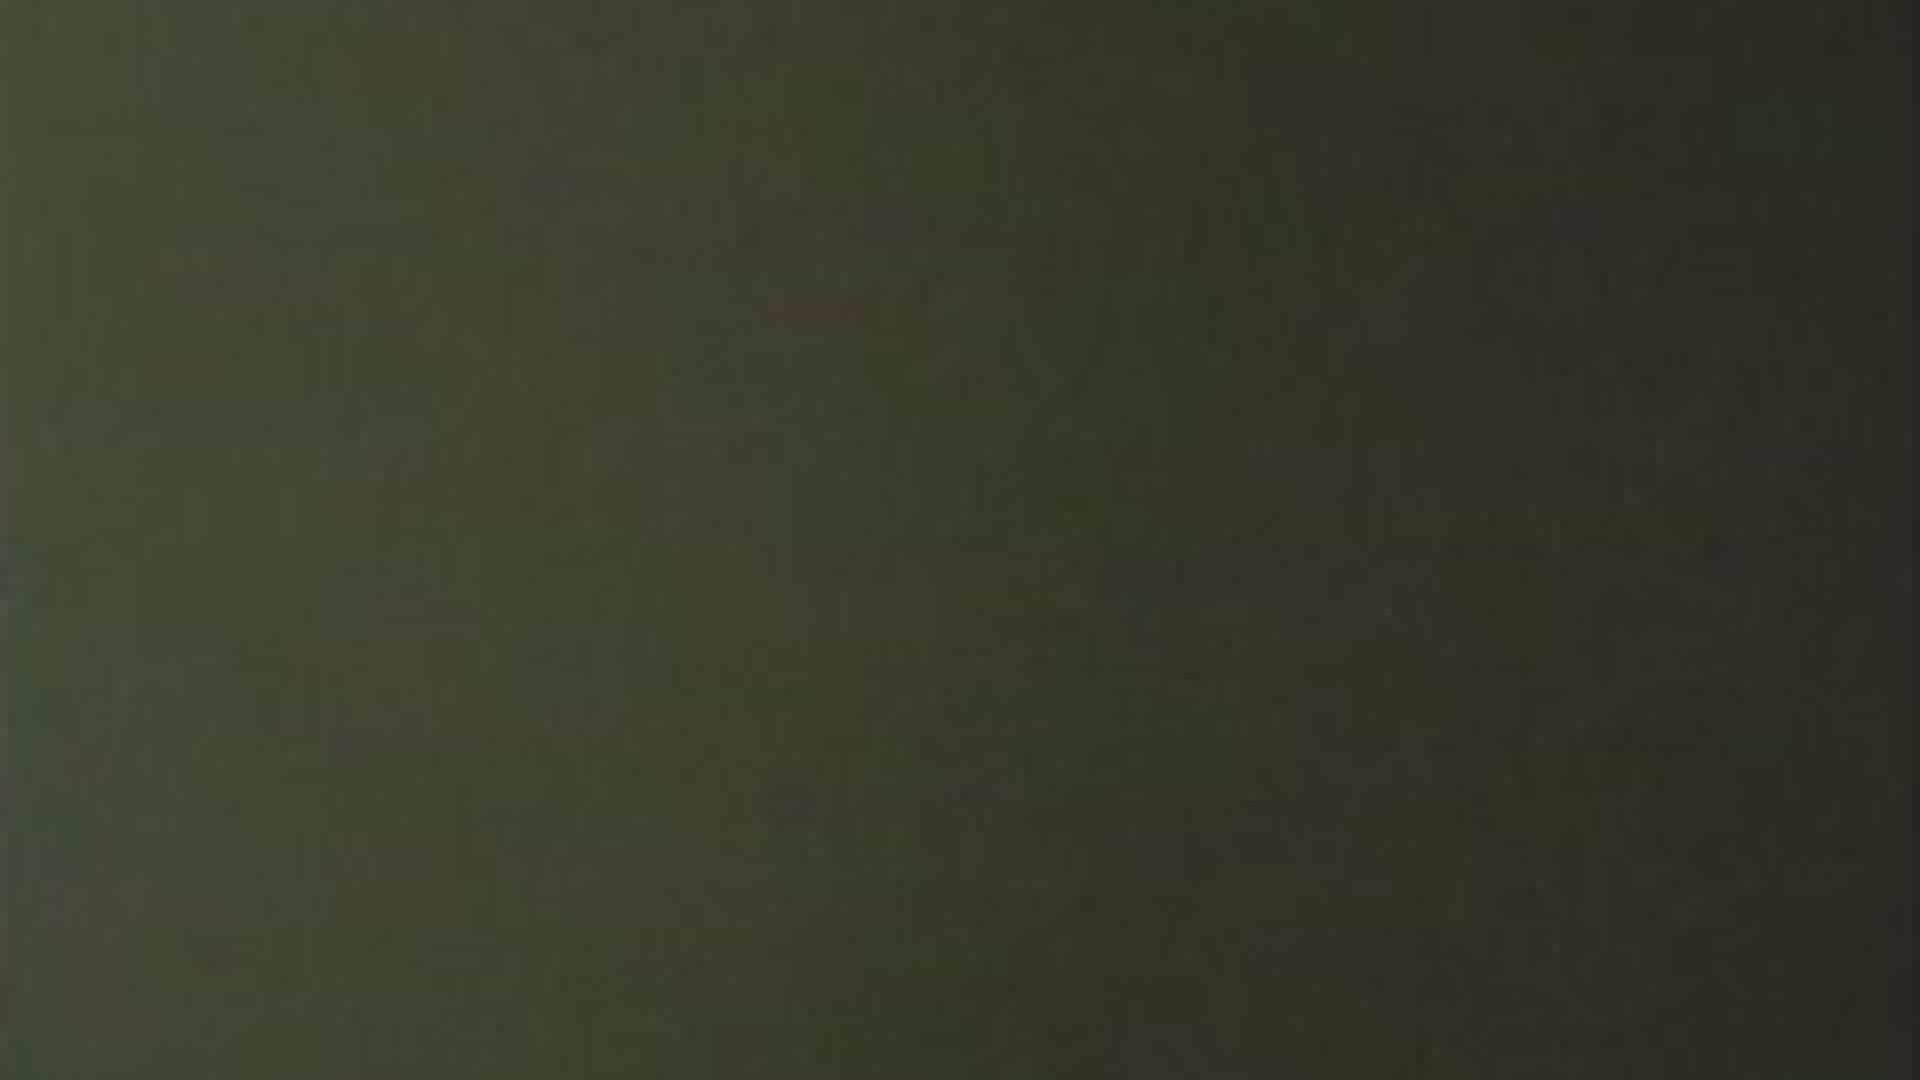 キレカワ女子大生の秘密の洗面所!Vol.010 放尿 ワレメ動画紹介 106PIX 15